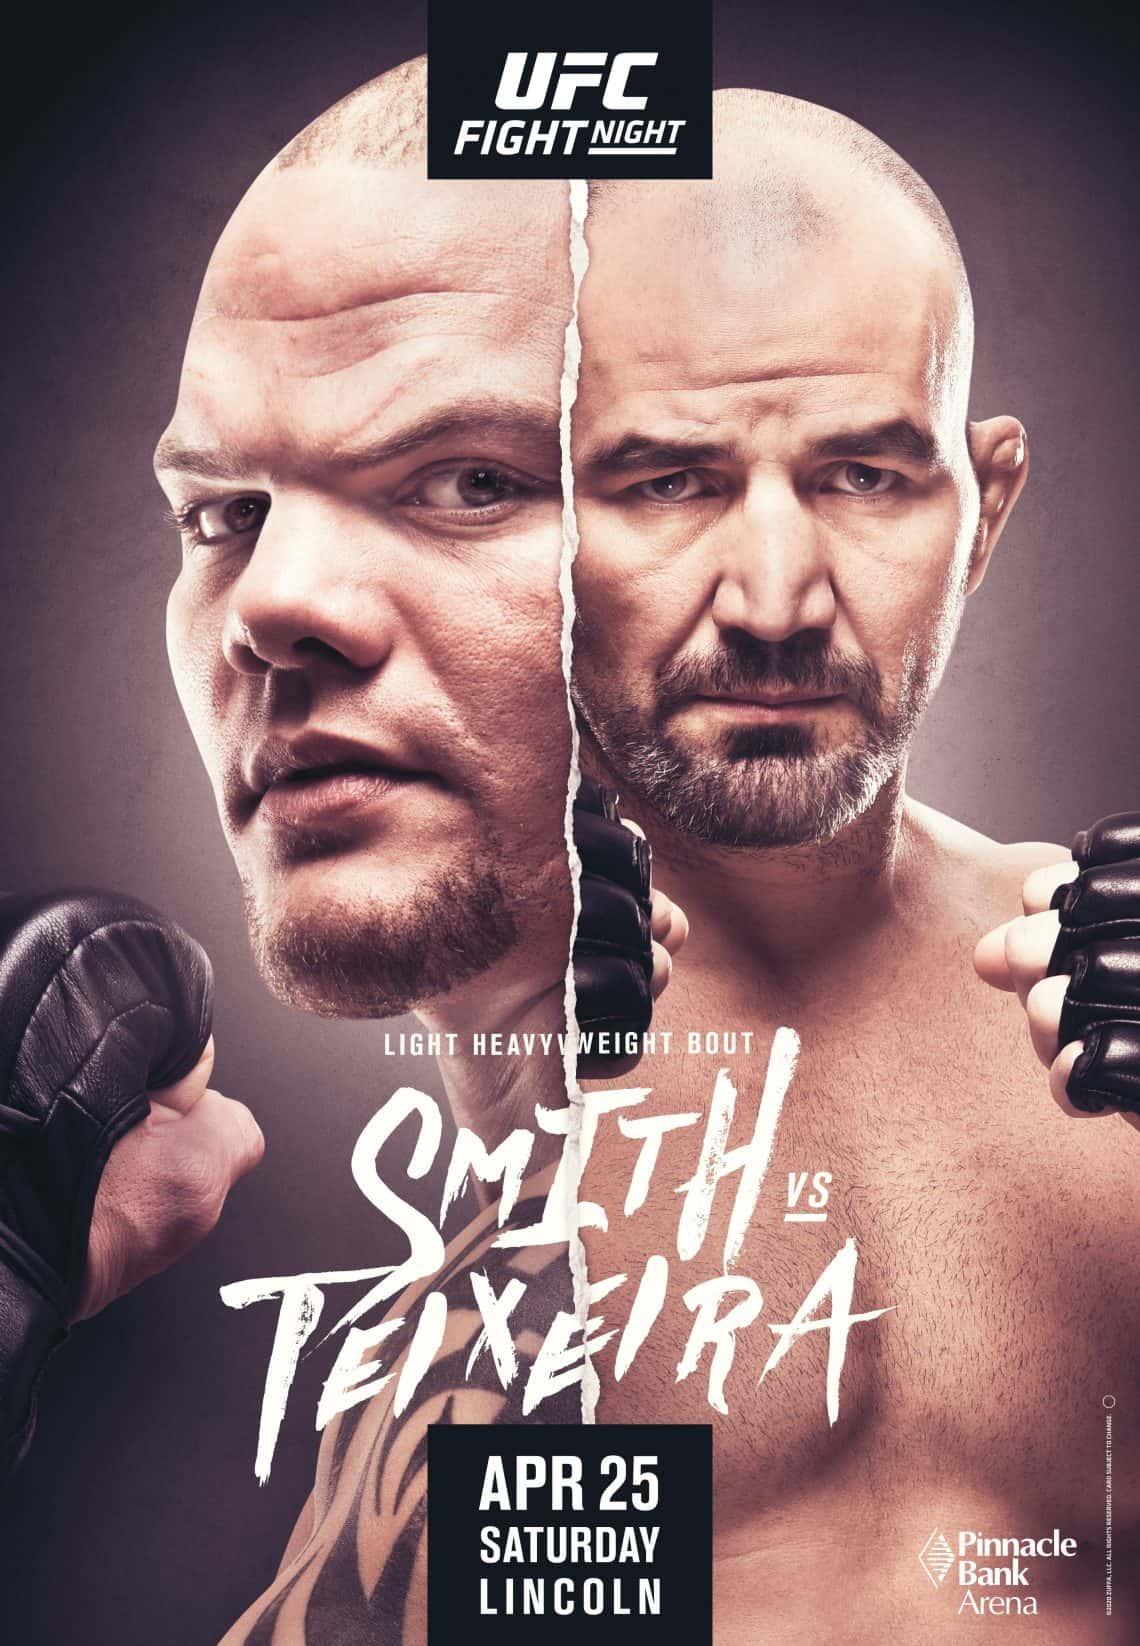 UFC Fight Night 173: Smith vs. Teixeira 1